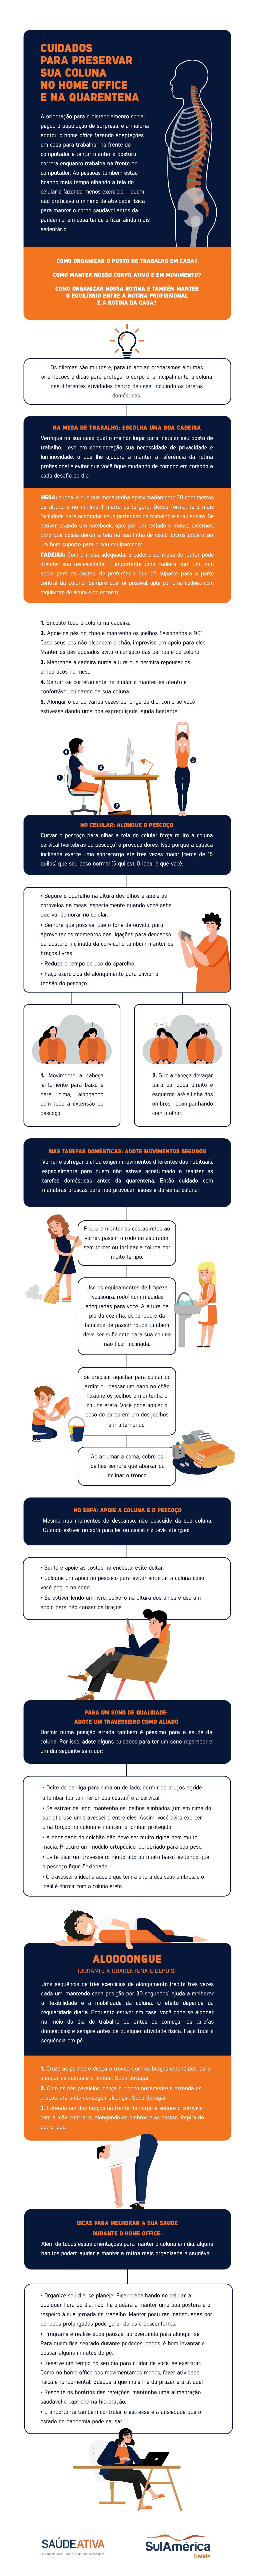 sulamerica_2020_saude_infografico_coluna_v2